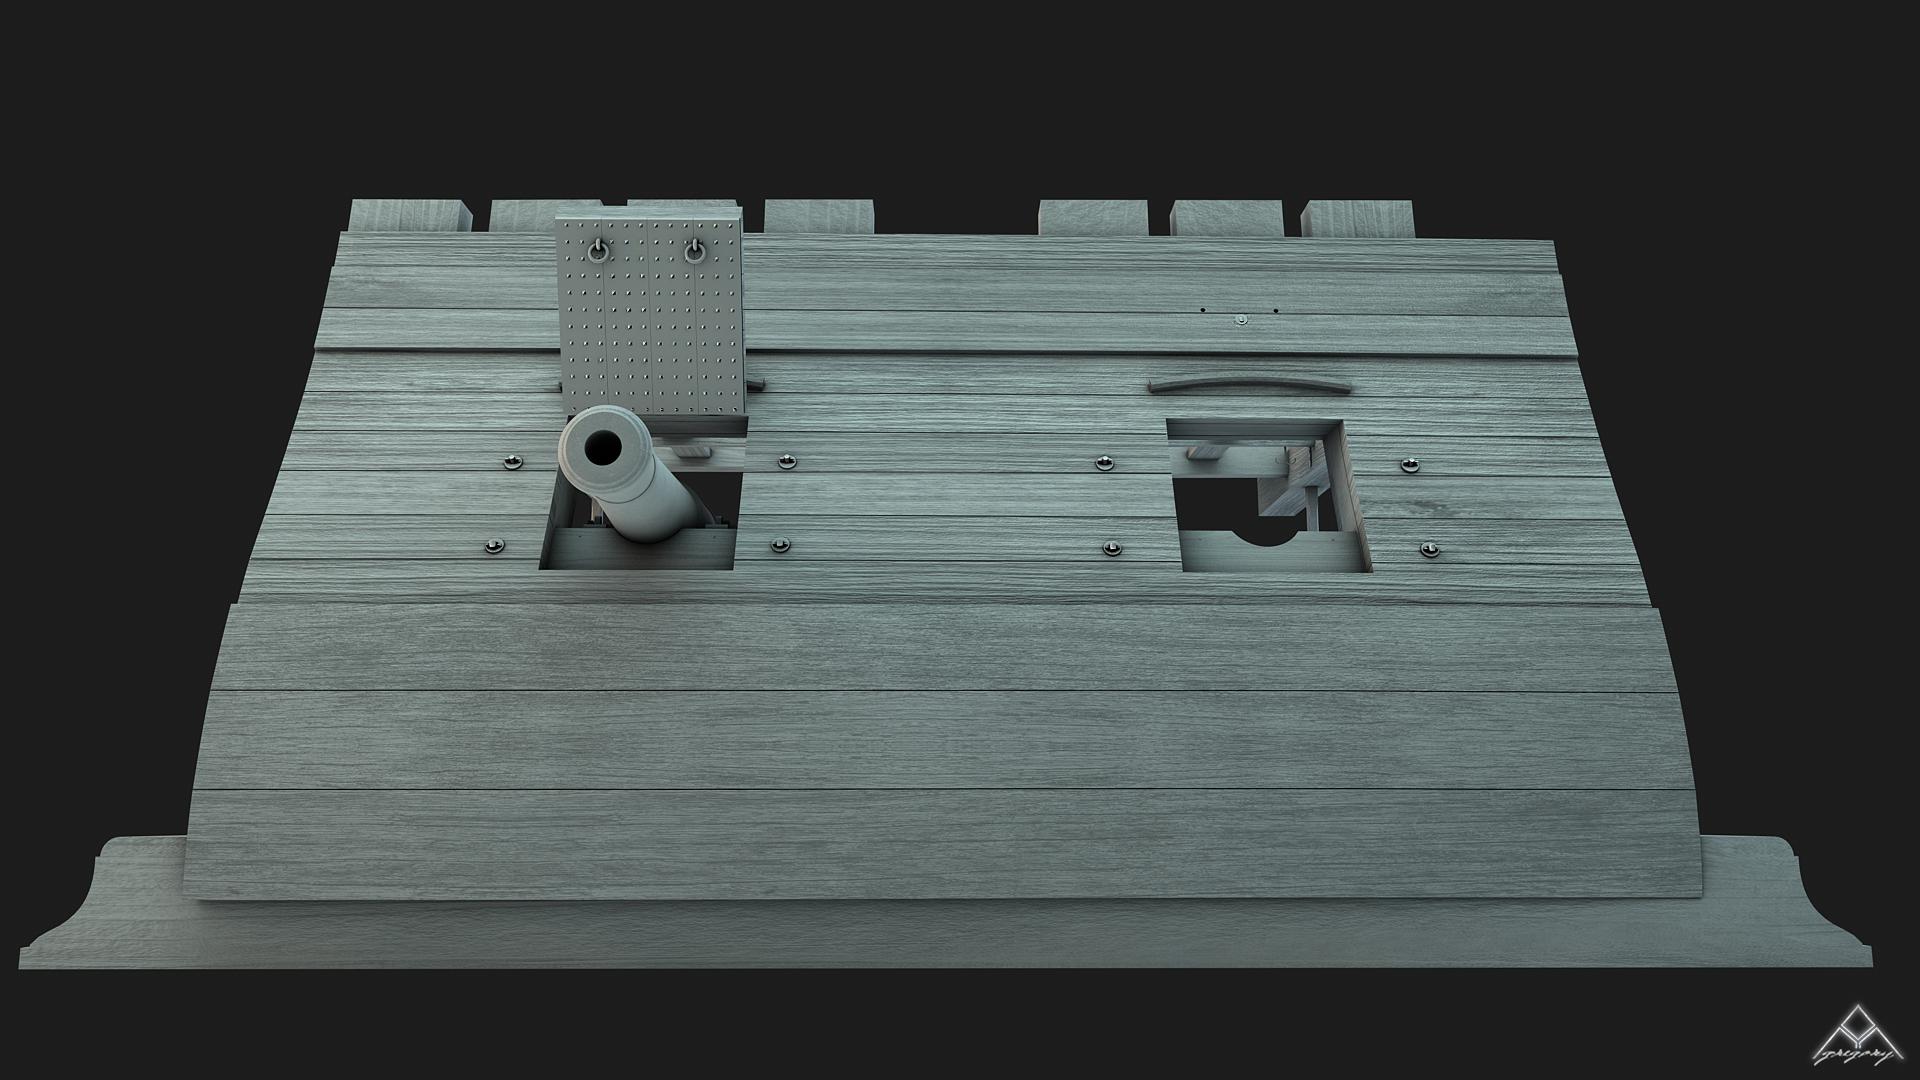 Etapes de construction 3D d'un navire de 74 canons. - Page 14 18031507305423665615614821